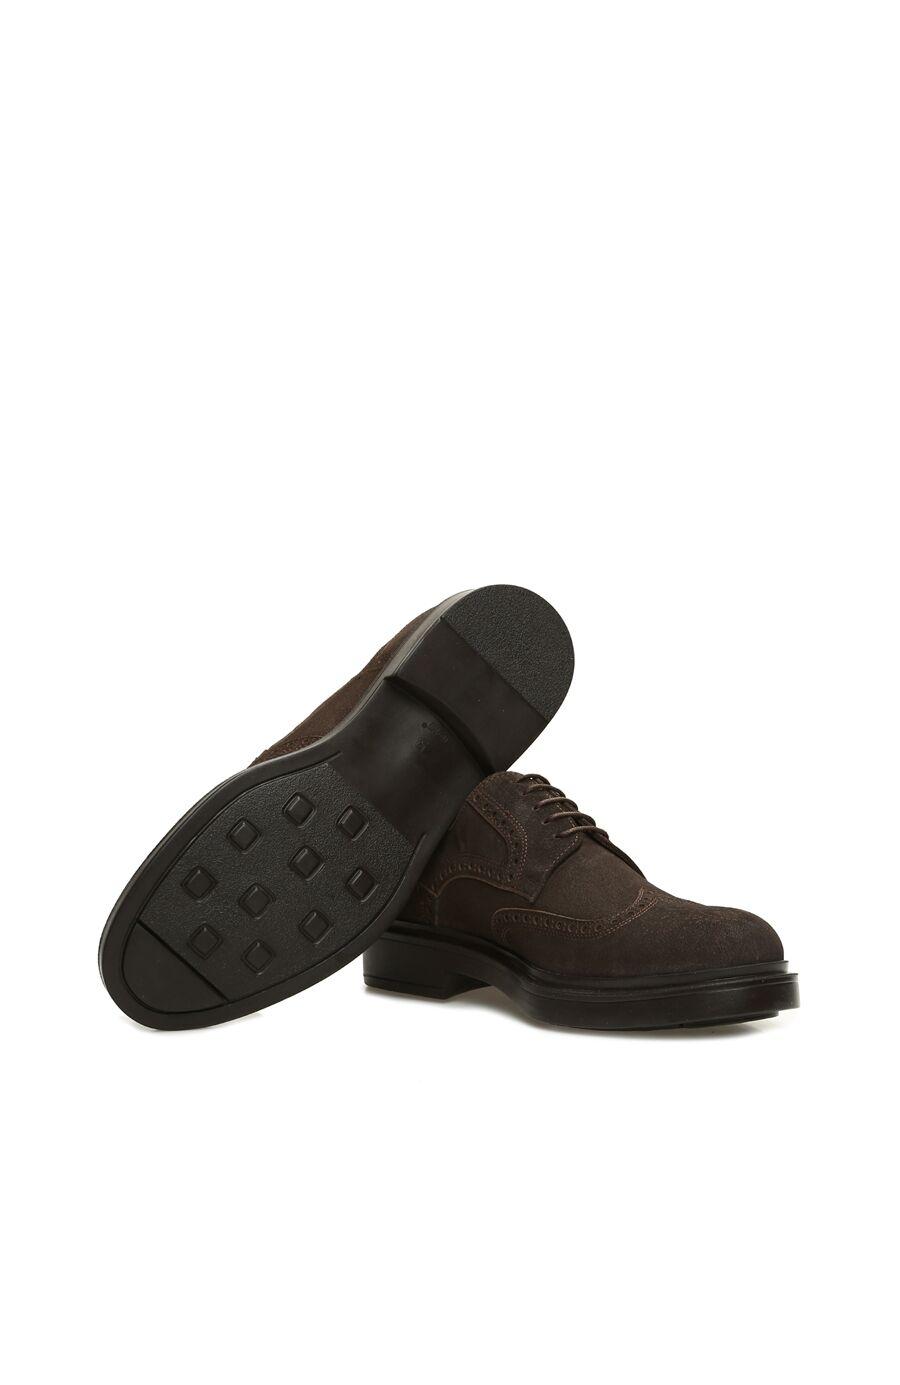 Zımbalı Haki Süet Erkek Ayakkabı